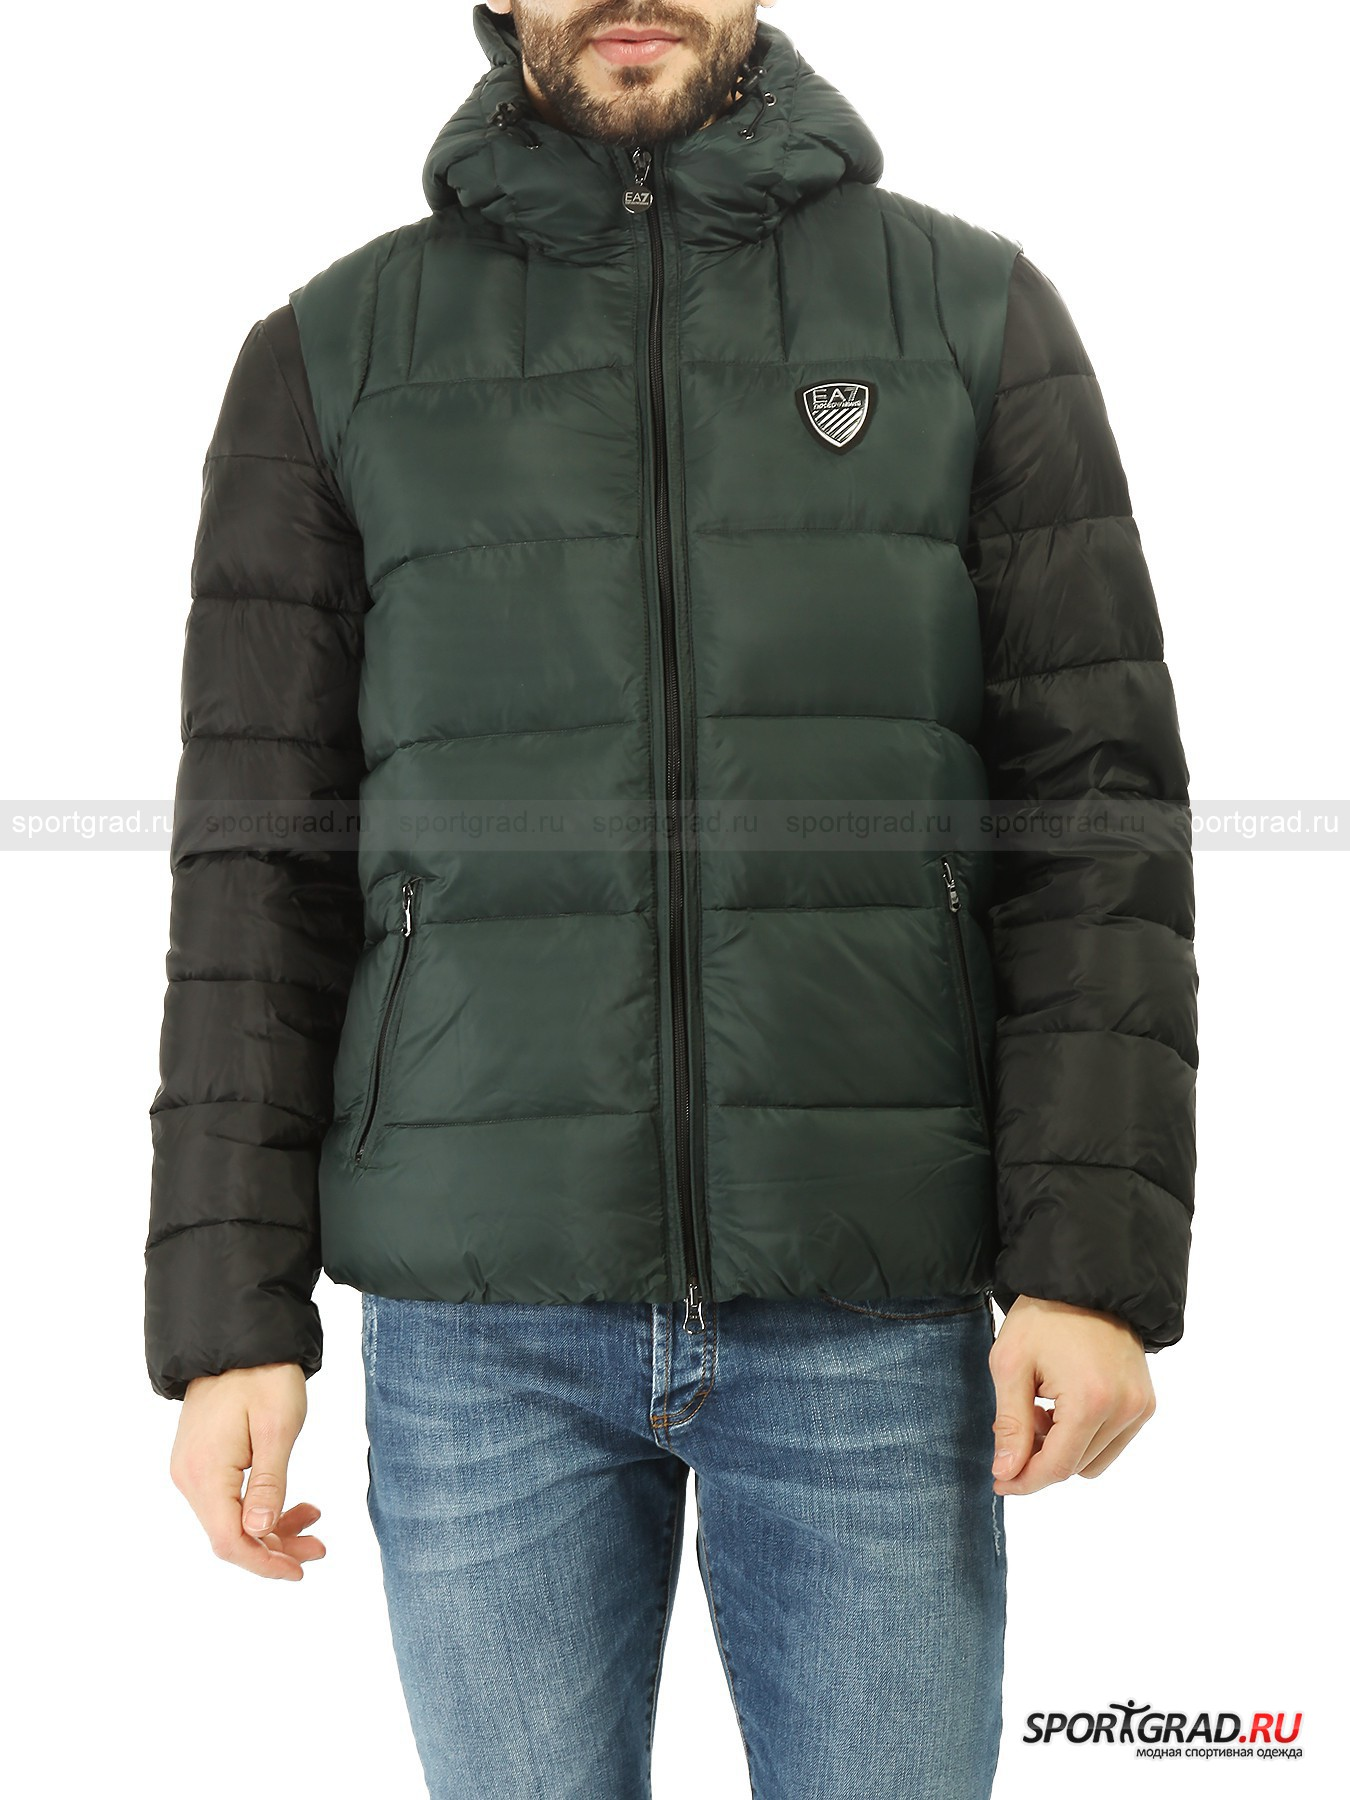 Куртка-жилет для мужчин Mountain Double Down Jacket EA7 EMPORIO ARMANIПуховики<br>Потрясающий пуховик Mountain Double Down Jacket EA7 Emporio Armani – это сразу три вещи по цене одной. Пуховки представляет собой лаконичную черную куртку, поверх которой надет зеленый жилет. Они состегиваются между собой при помощи молний, которые при желании молнии можно расстегнуть и носить эти предметы отдельно. Очень выгодное приобретение для зимы и межсезонья.<br><br>И куртка, и жилет застегиваются на молнии, имеют по два внешних кармана и по одному внутреннему и декорированы фирменными нашивками EA7. Куртка также снабжена воротником-стойкой, а жилет – капюшоном с утяжками.<br><br>Пол: Мужской<br>Возраст: Взрослый<br>Тип: Пуховики<br>Рекомендации по уходу: деликатная стирка при температуре до 30 С; нельзя отбеливать, подвергать химической чистке, сушить в стиральной машине; можно гладить при температуре до 110 С<br>Состав: 100% полиамид; наполнитель 90% пух, 10% перо